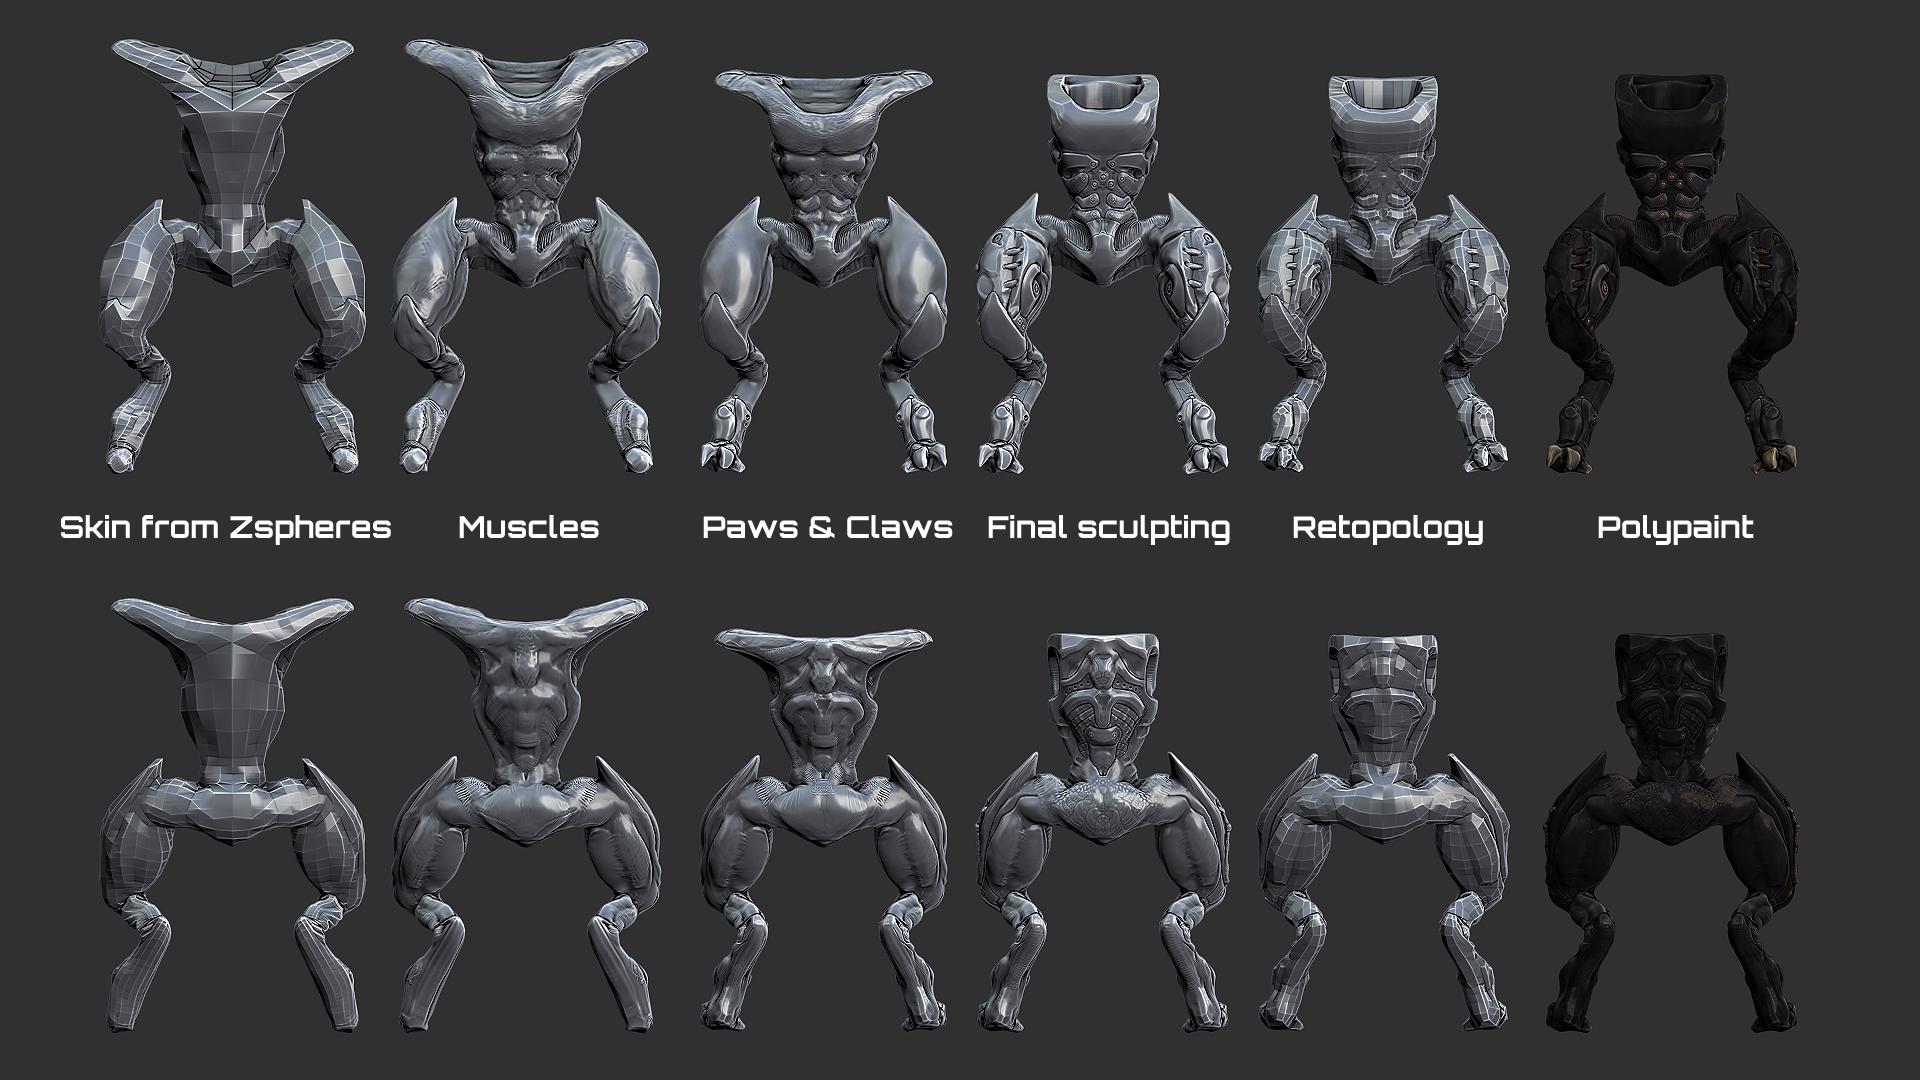 Sculpt stages